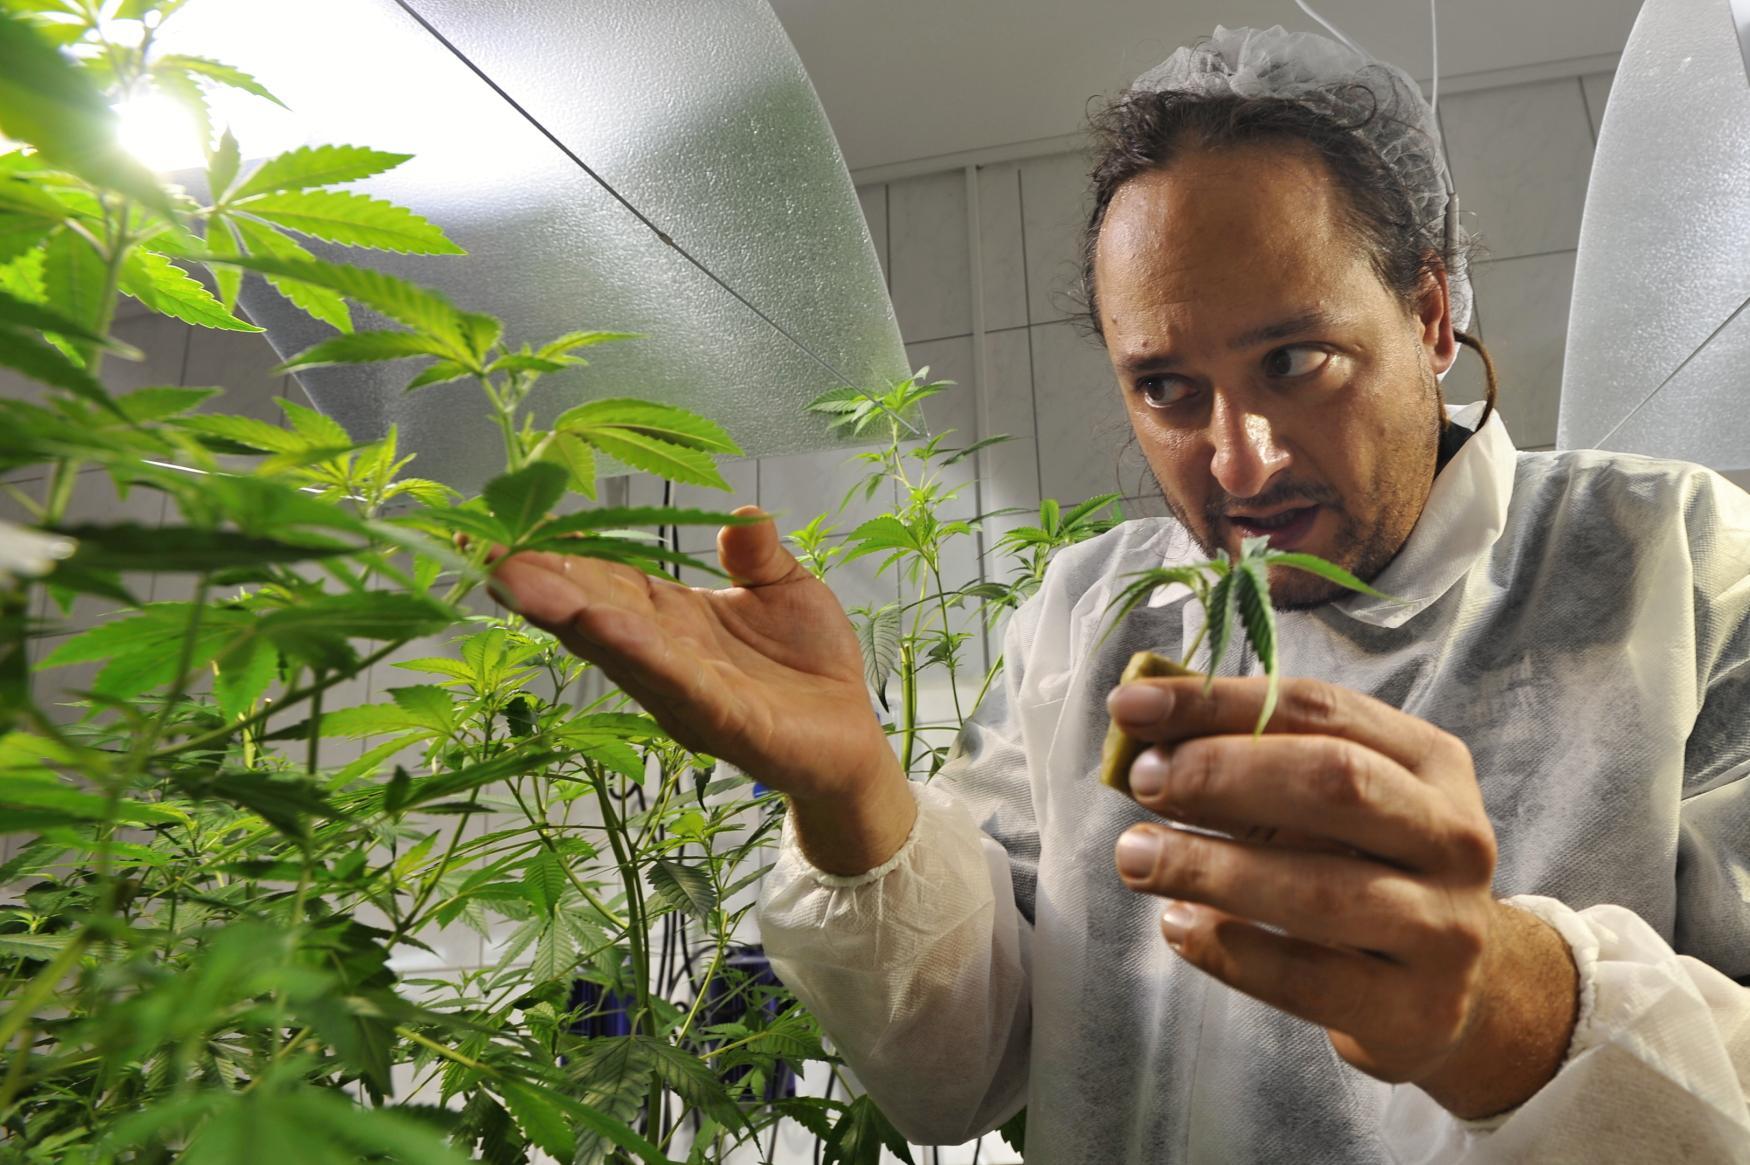 Michal Otipka ve firmě Meclovská zemědělská, která se věnuje výzkumu pěstování léčebného konopí